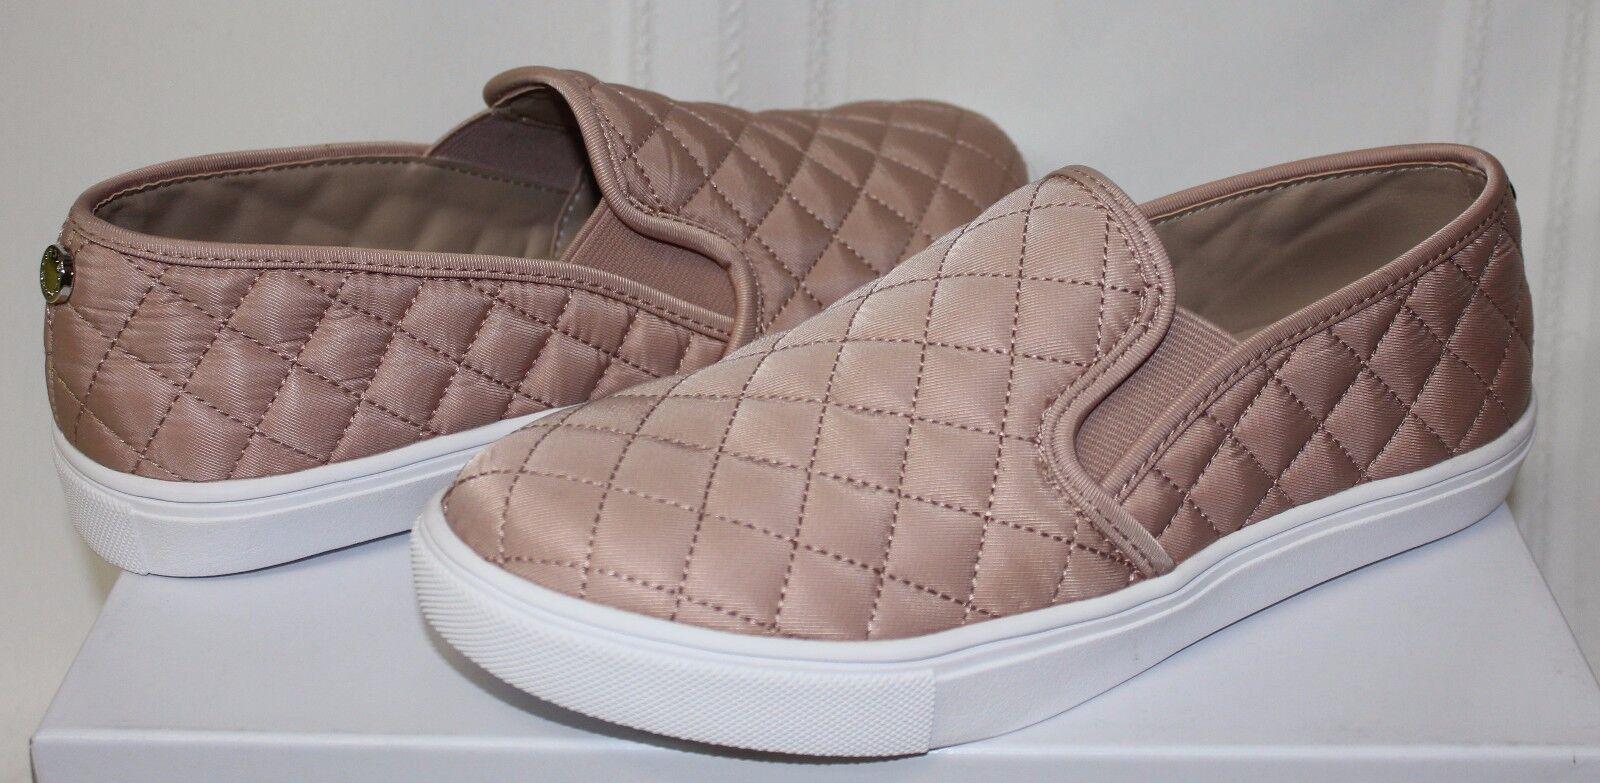 Steve schuhe Madden Ecntrcqt Ecentric Slip On Sneaker schuhe Steve Blush Quilted Fabric New d99bca